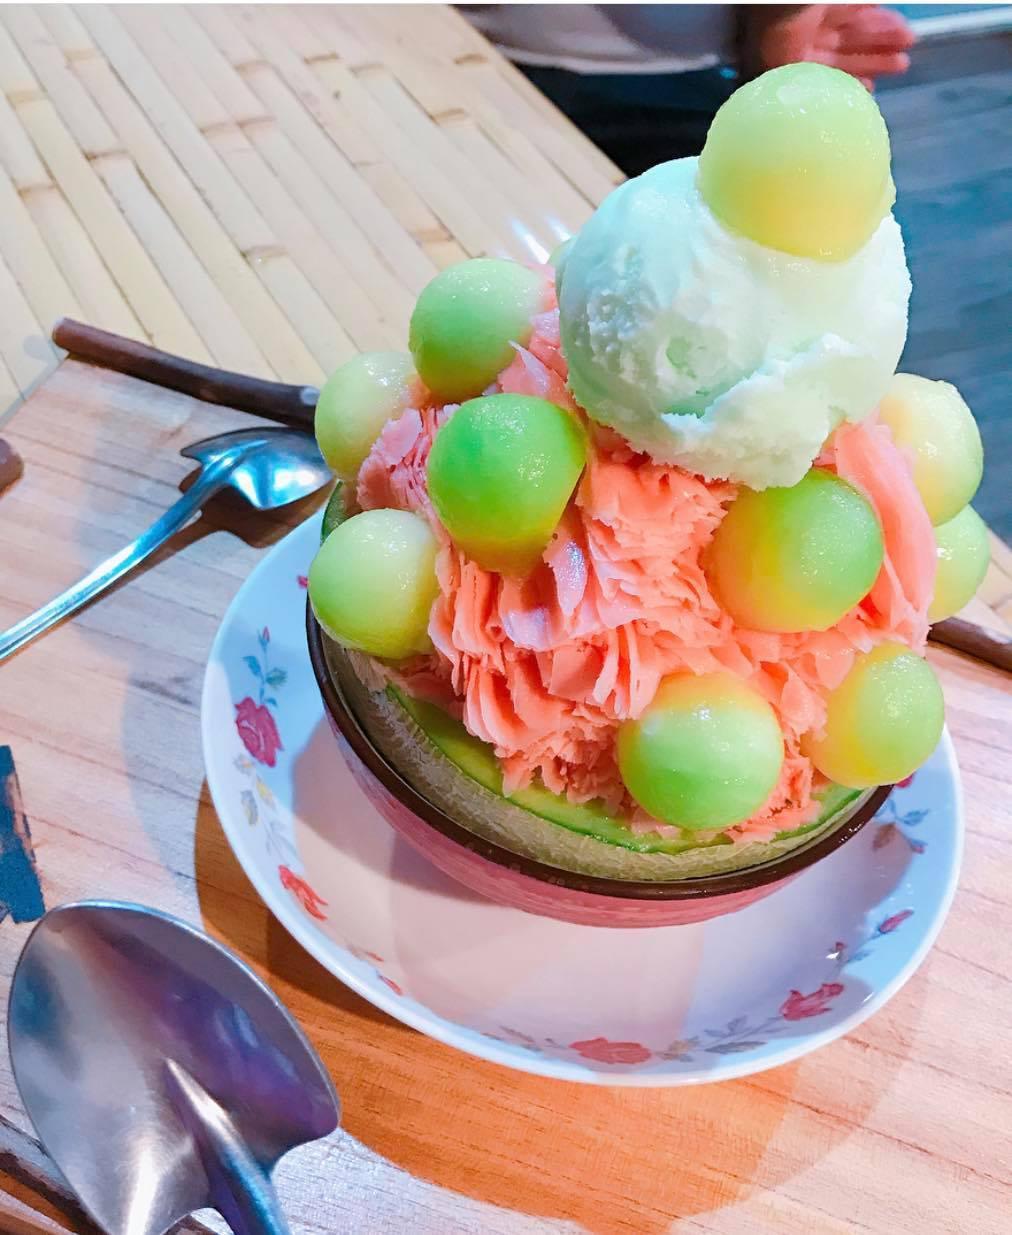 創意冰品名稱「西哈甜蜜蜜」。圖/尋庄懷舊冰店 提供